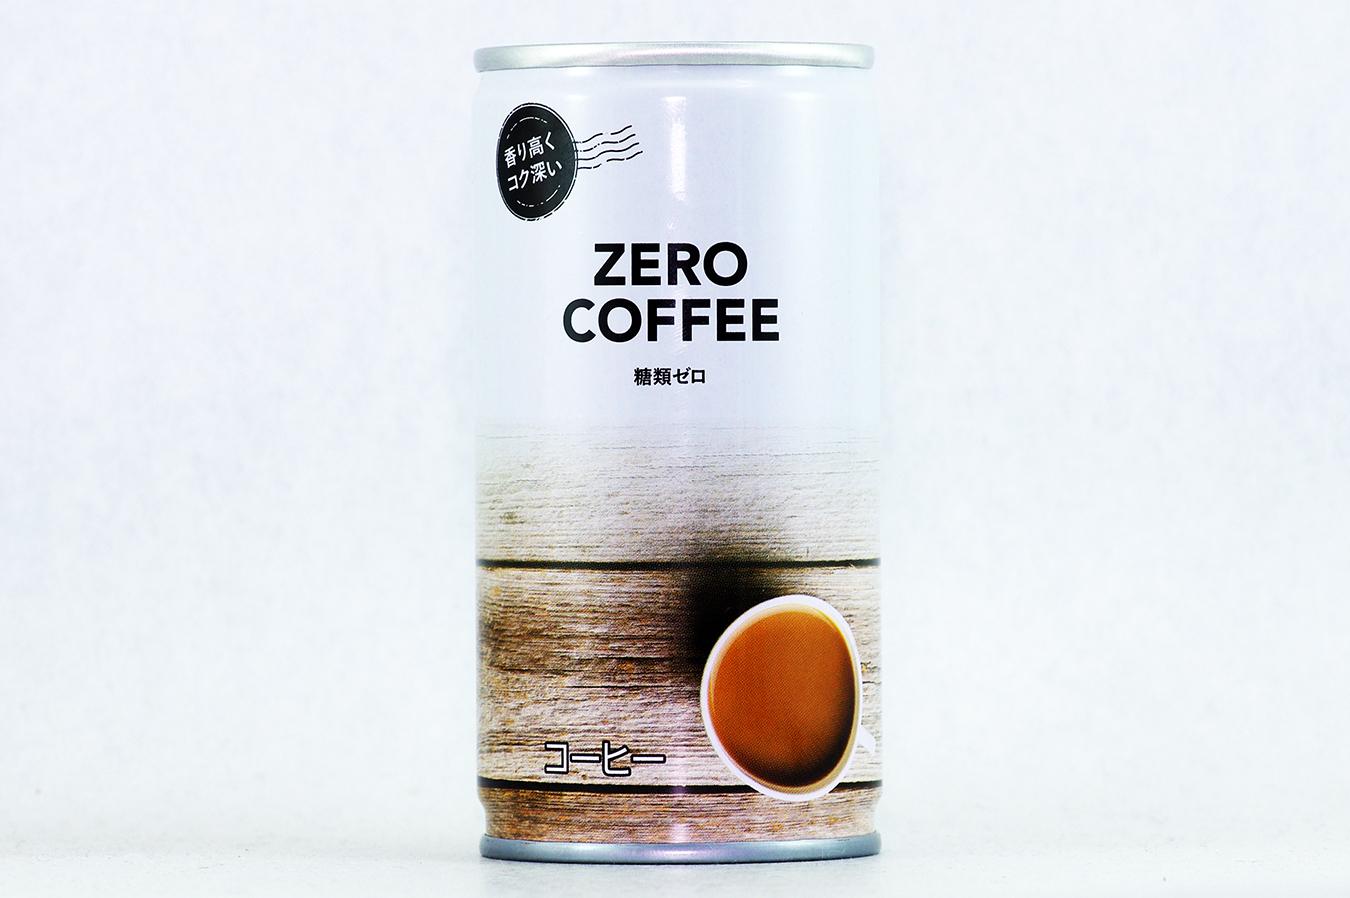 カインズ 糖類ゼロコーヒー 2018年9月